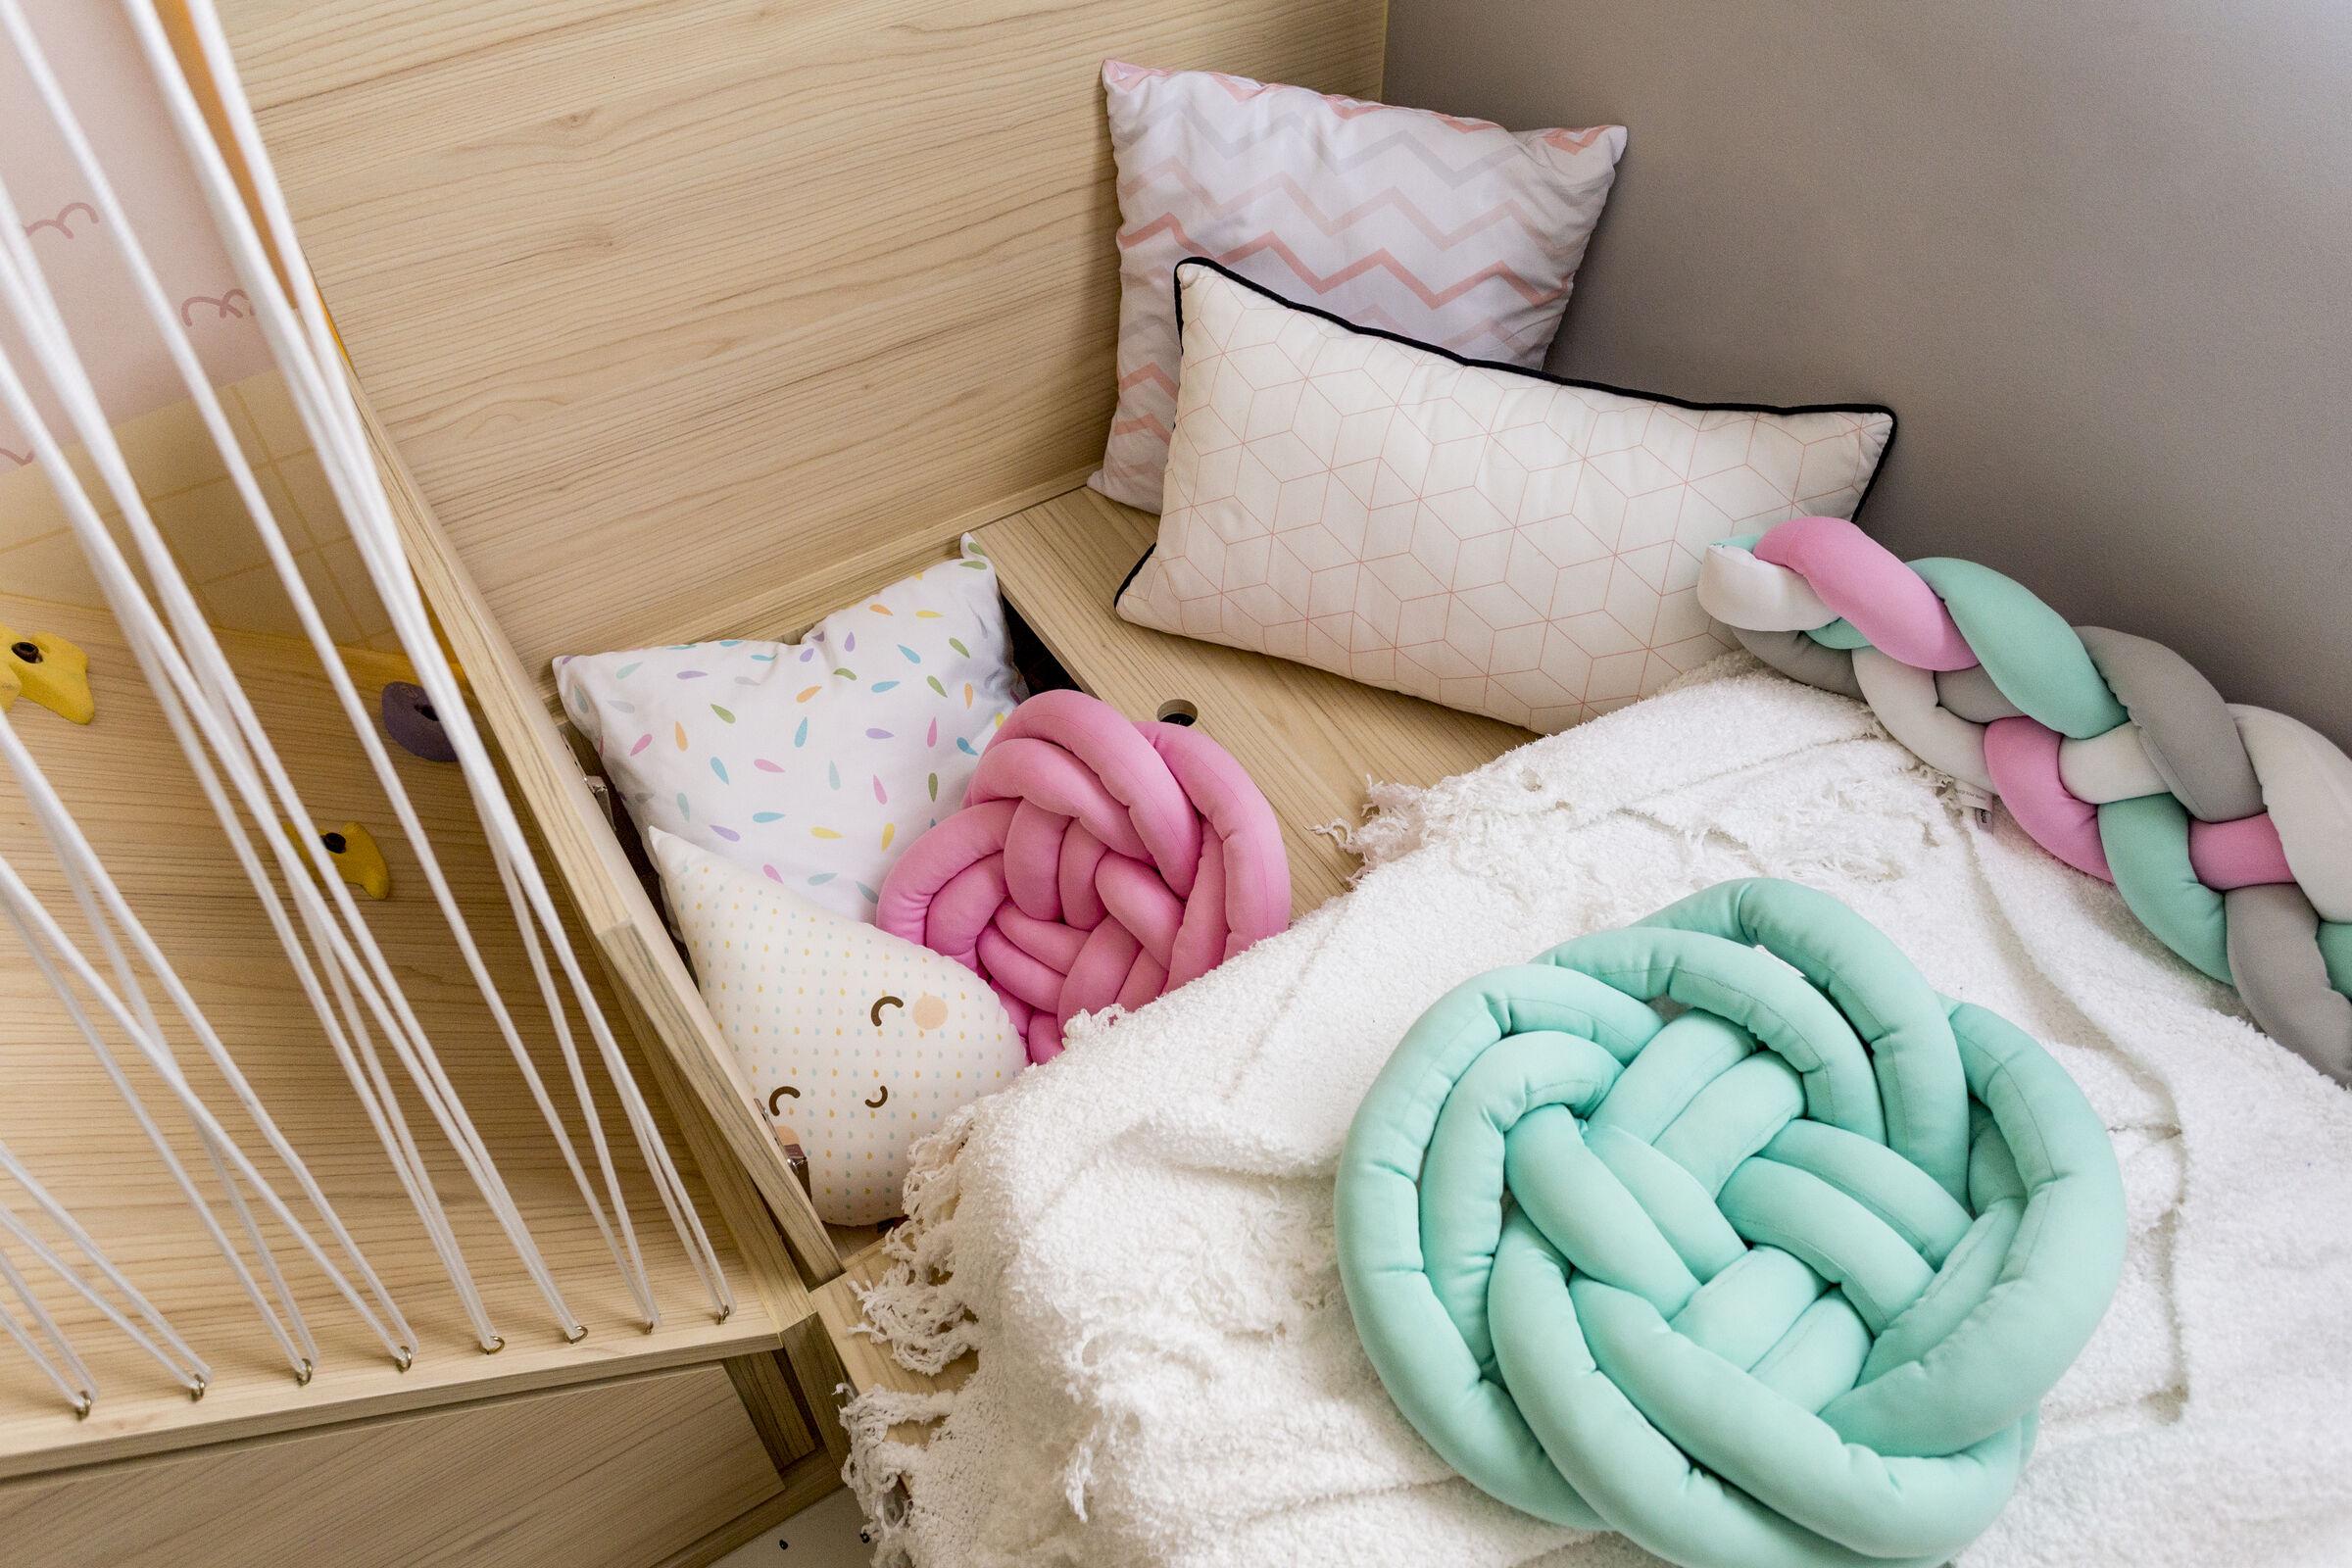 Gavetão-de-brinquedos-do-quarto-infantil